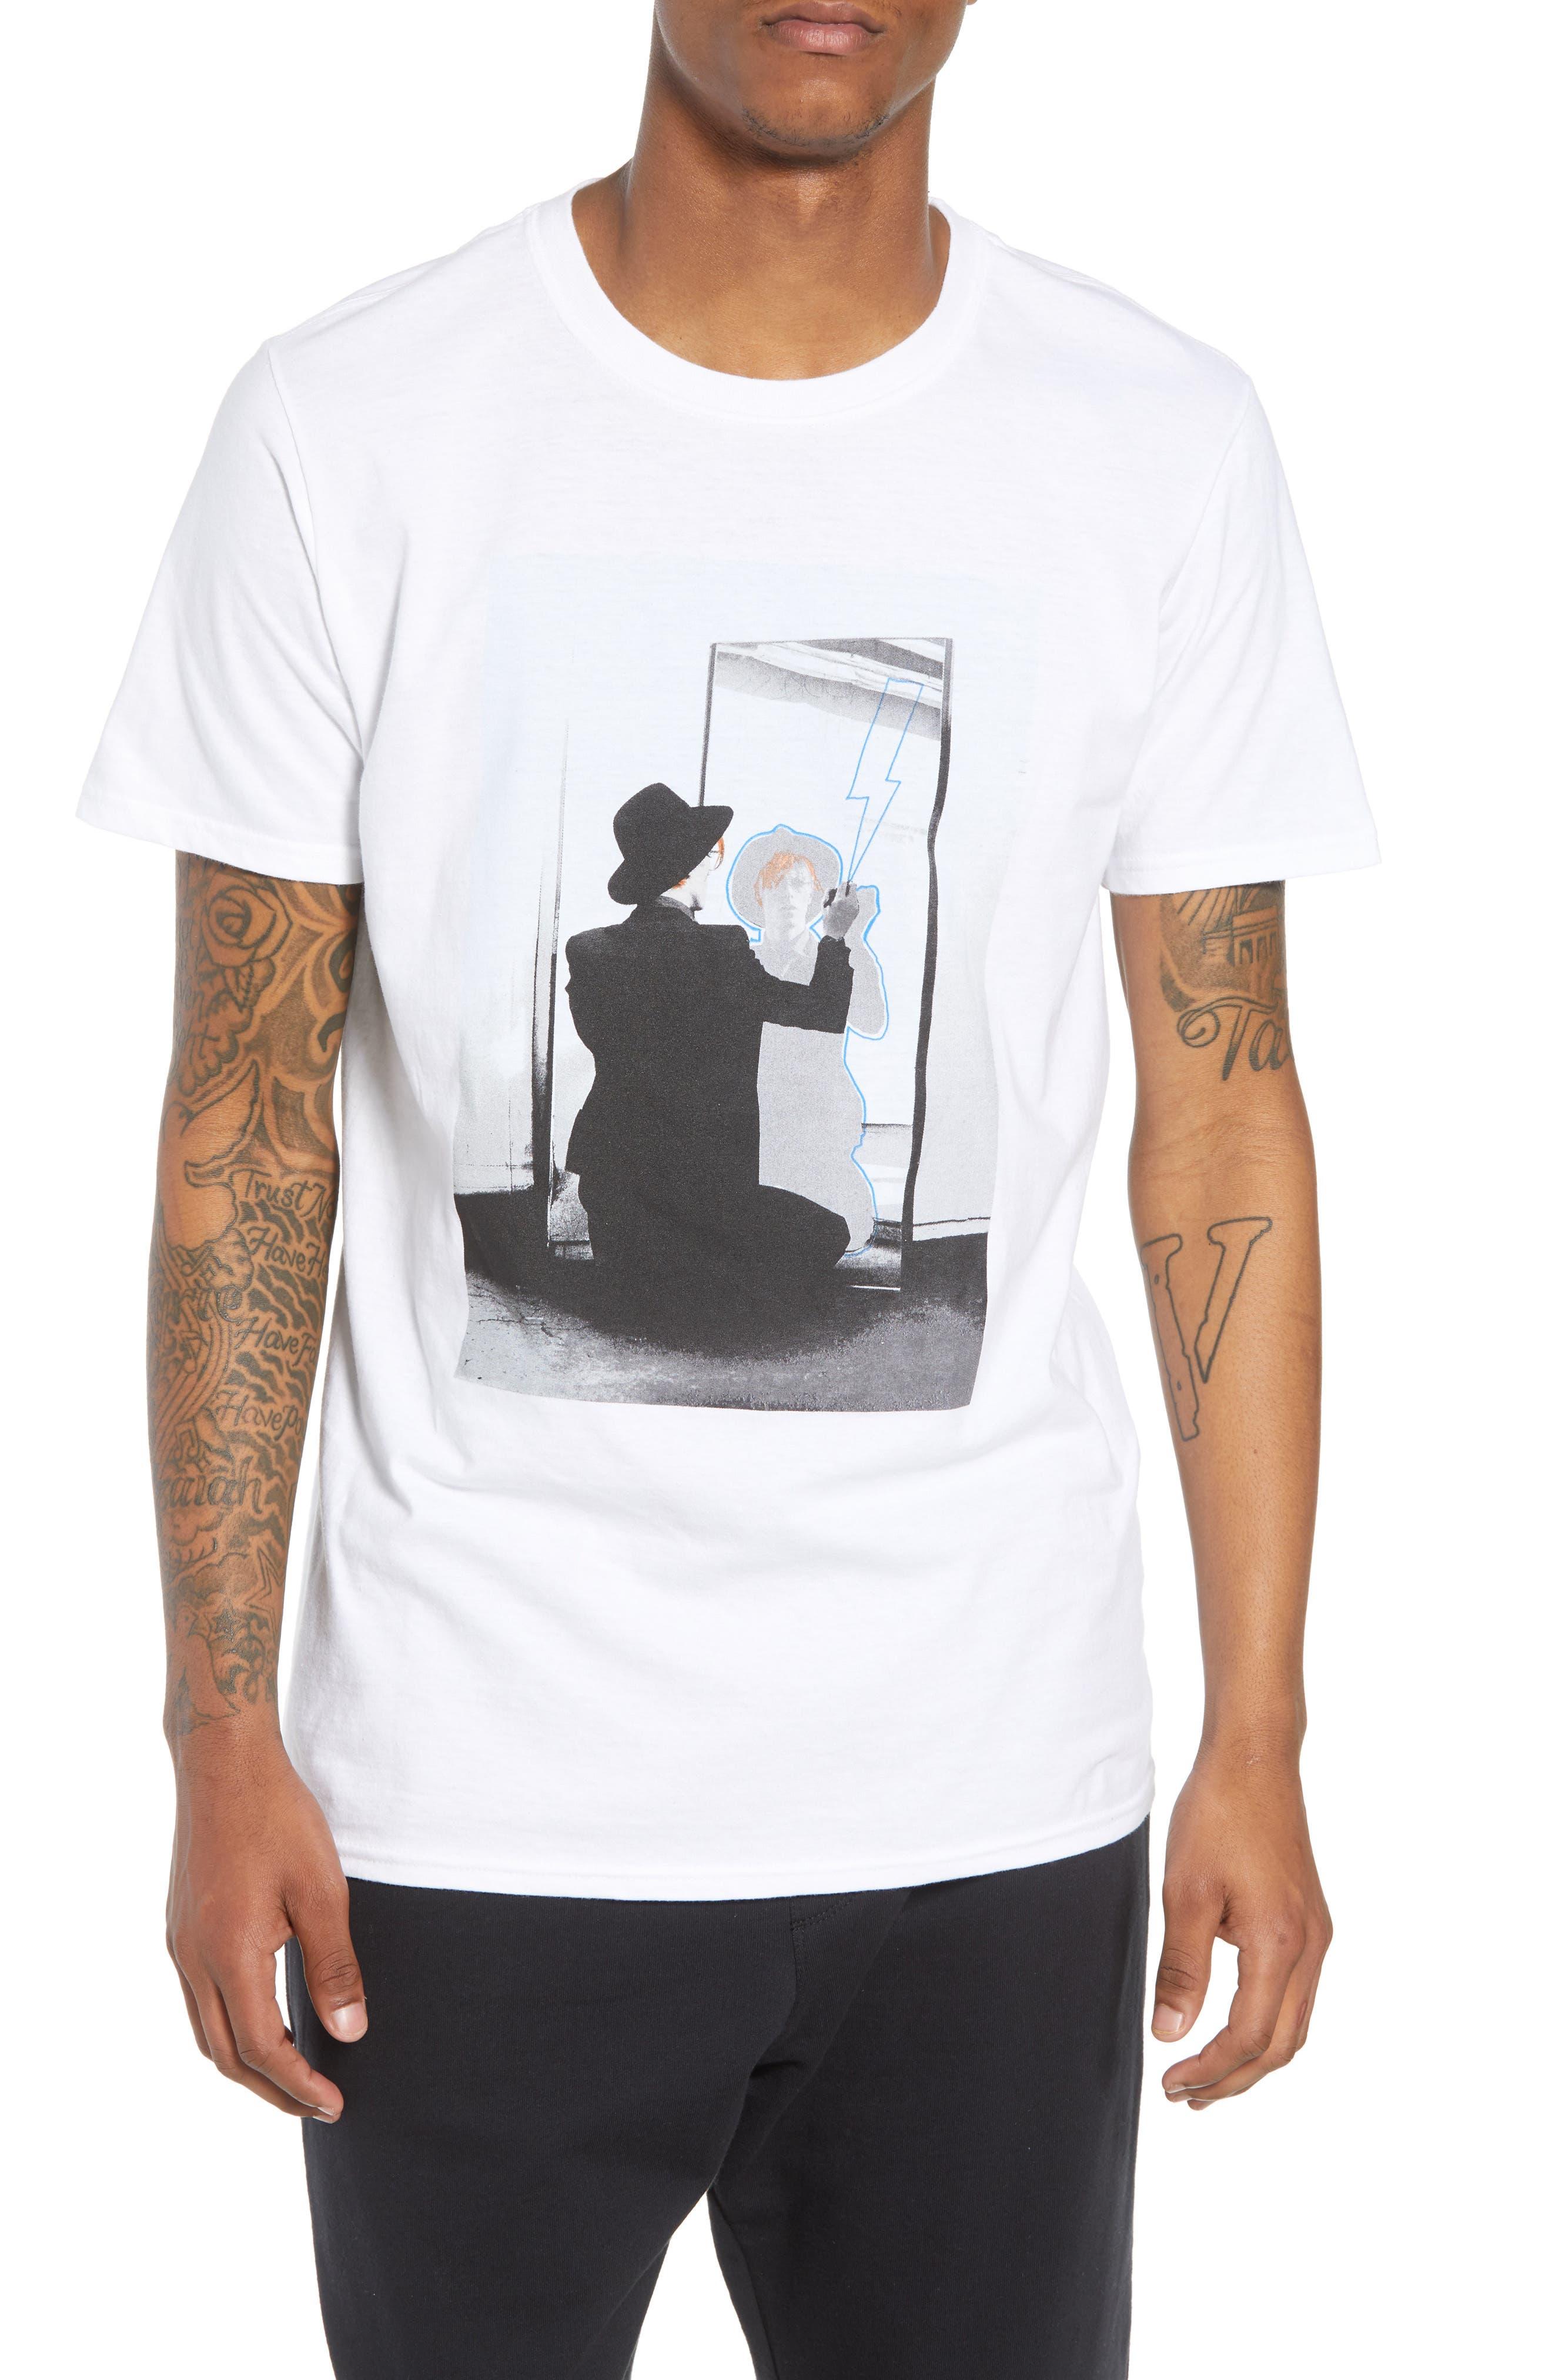 The Rail David Bowie Mirror T-Shirt